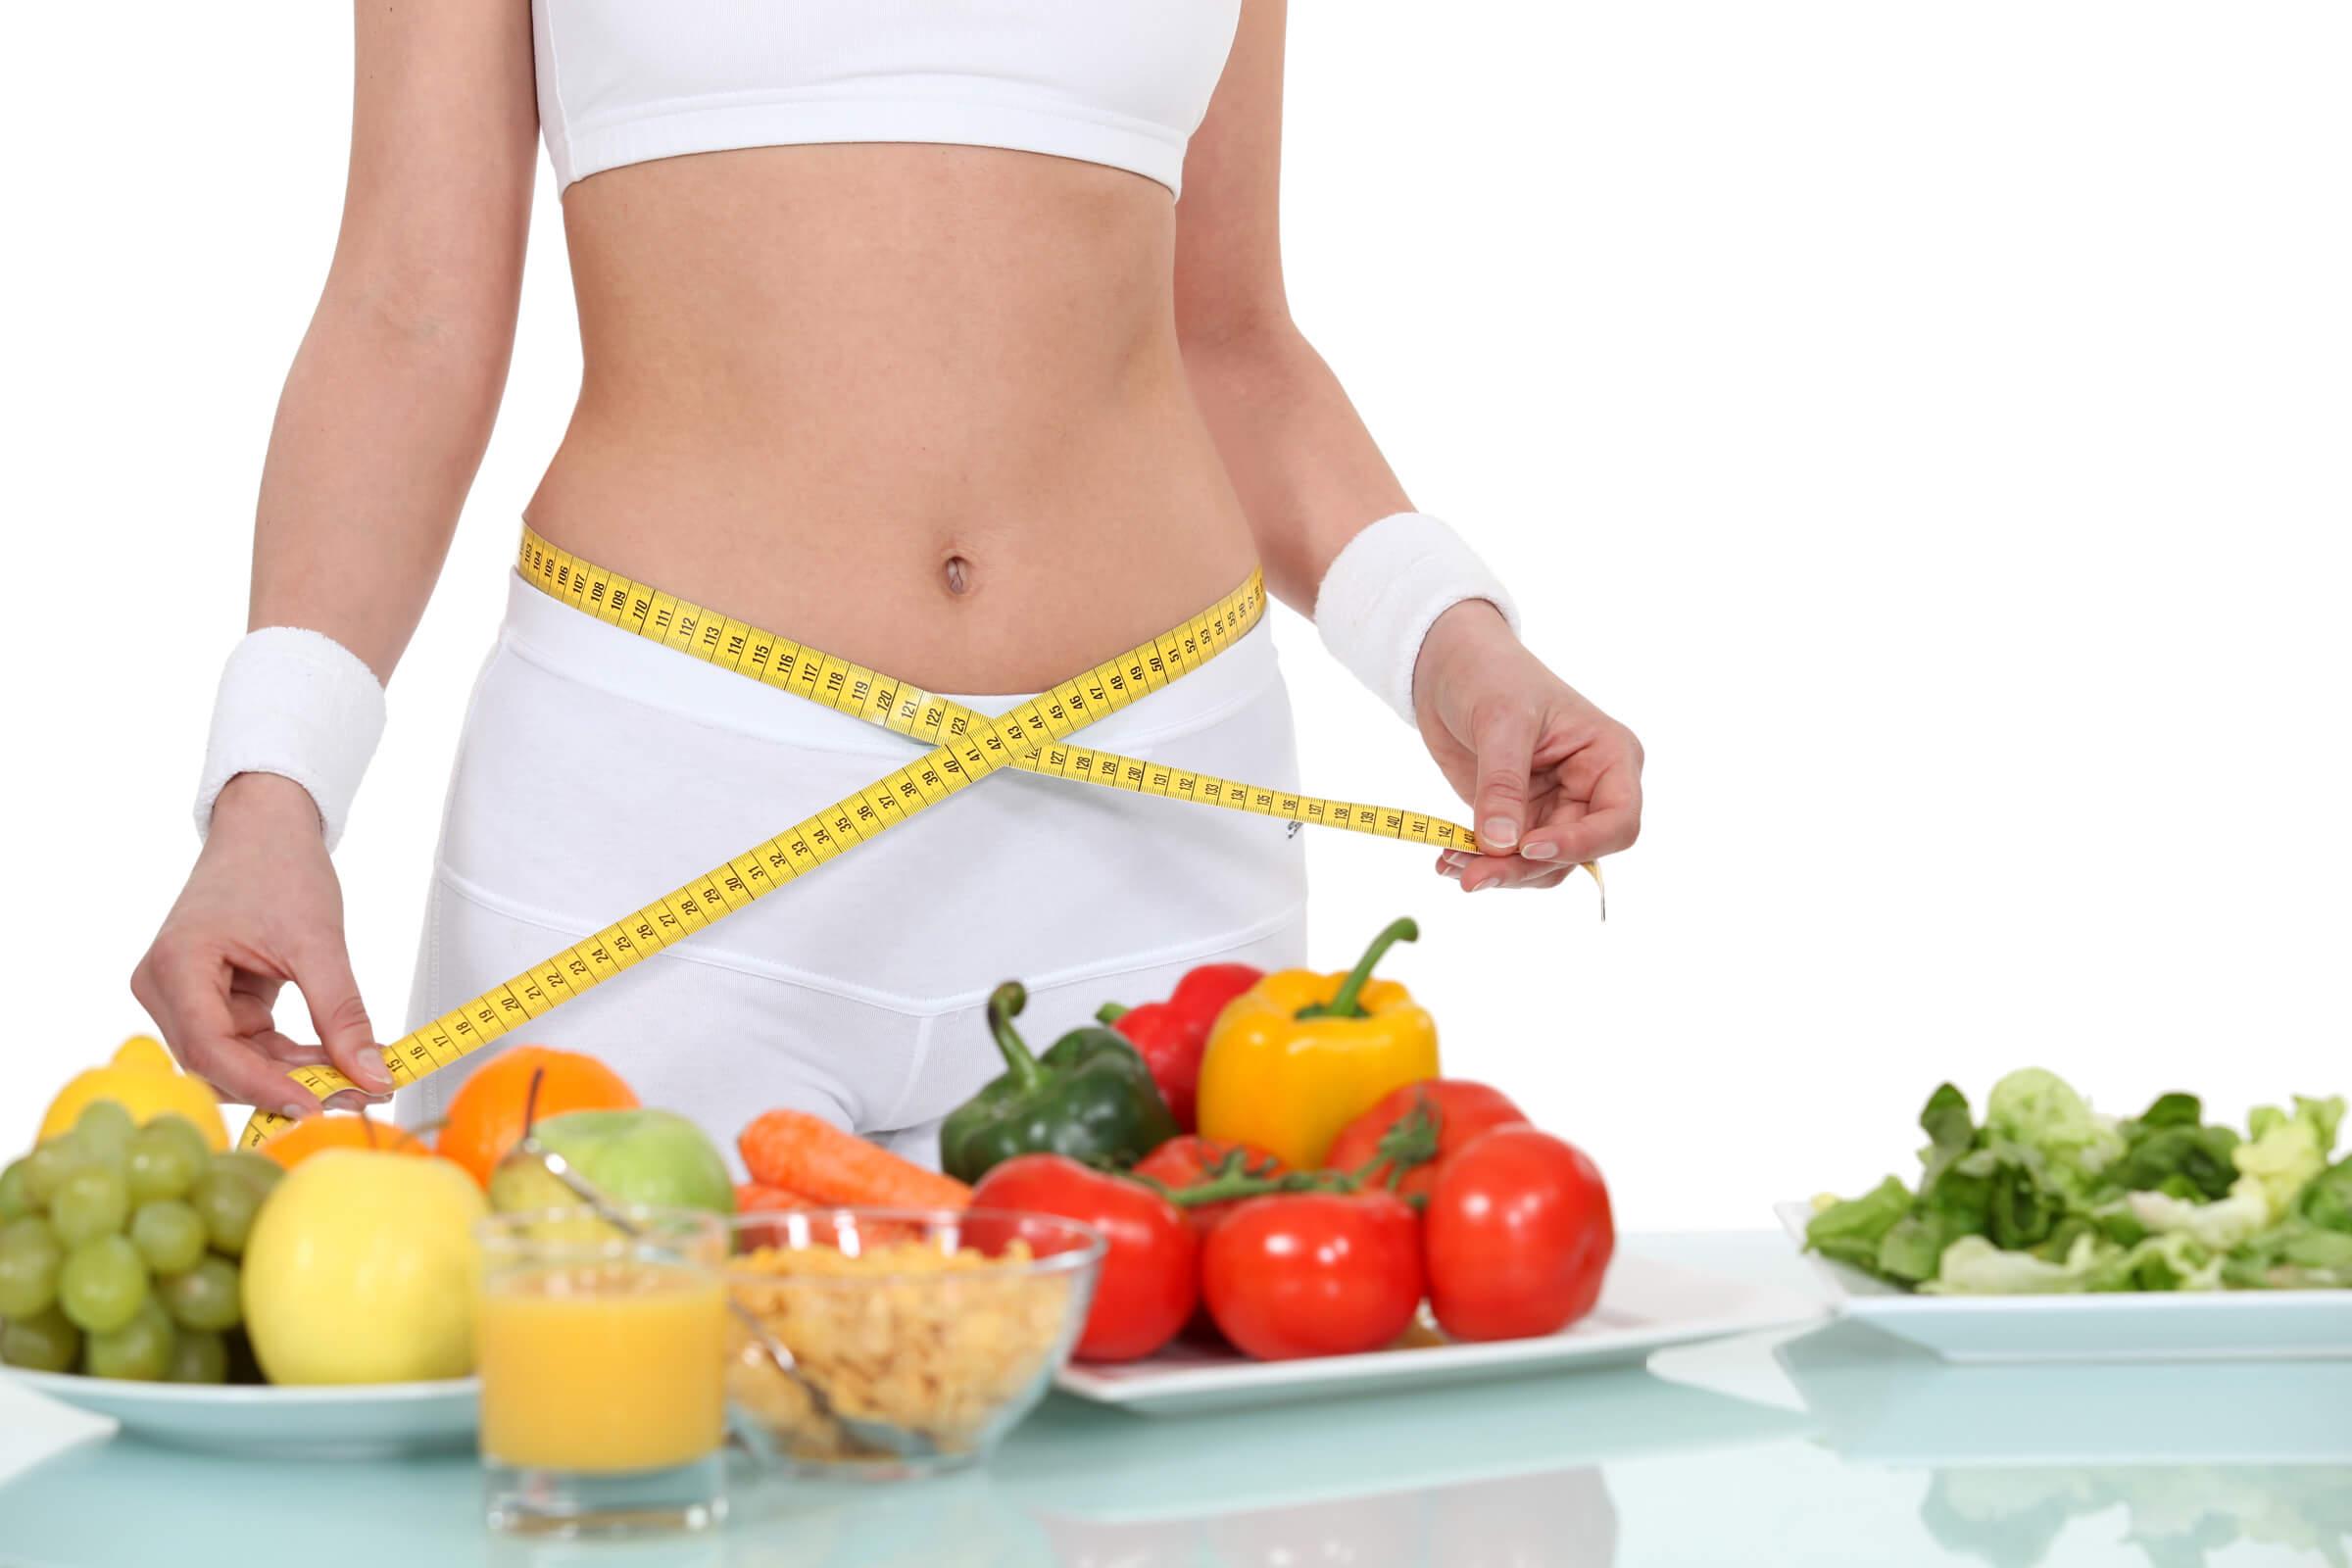 Белково-овощная диета для похудения, меню на 21 день, отзывы